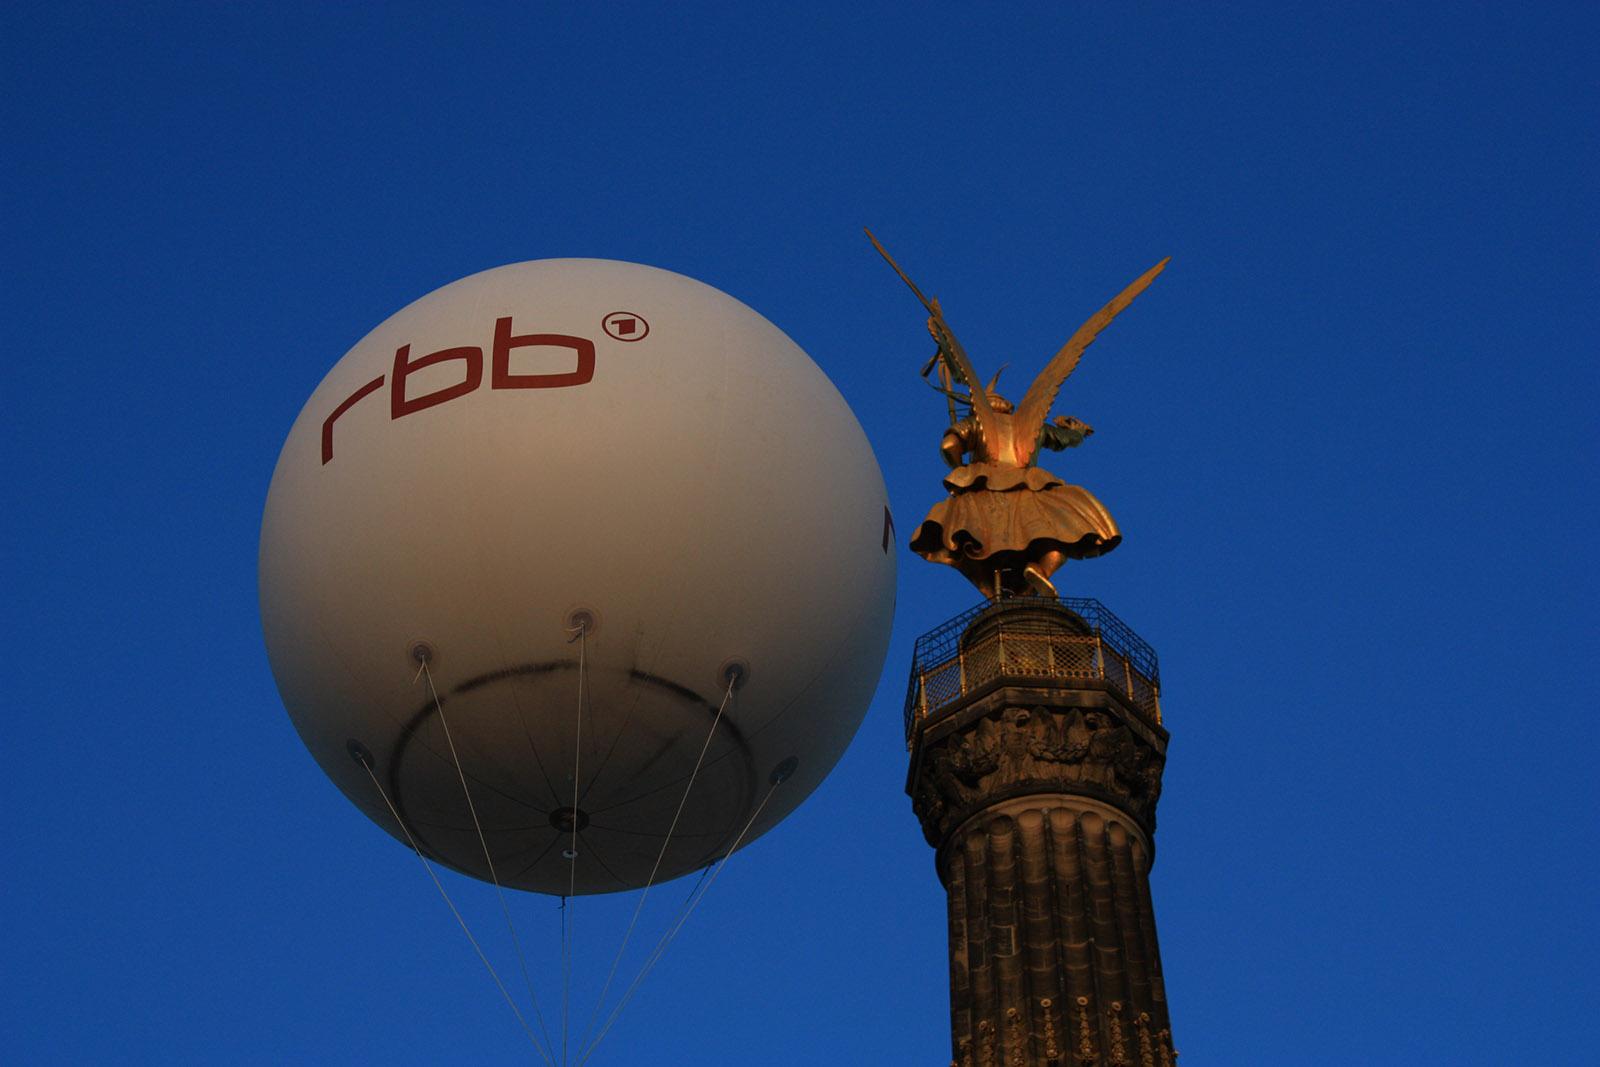 Messeballon - riesiger RBB-Heliumballon an der Siegessäule in Berlin